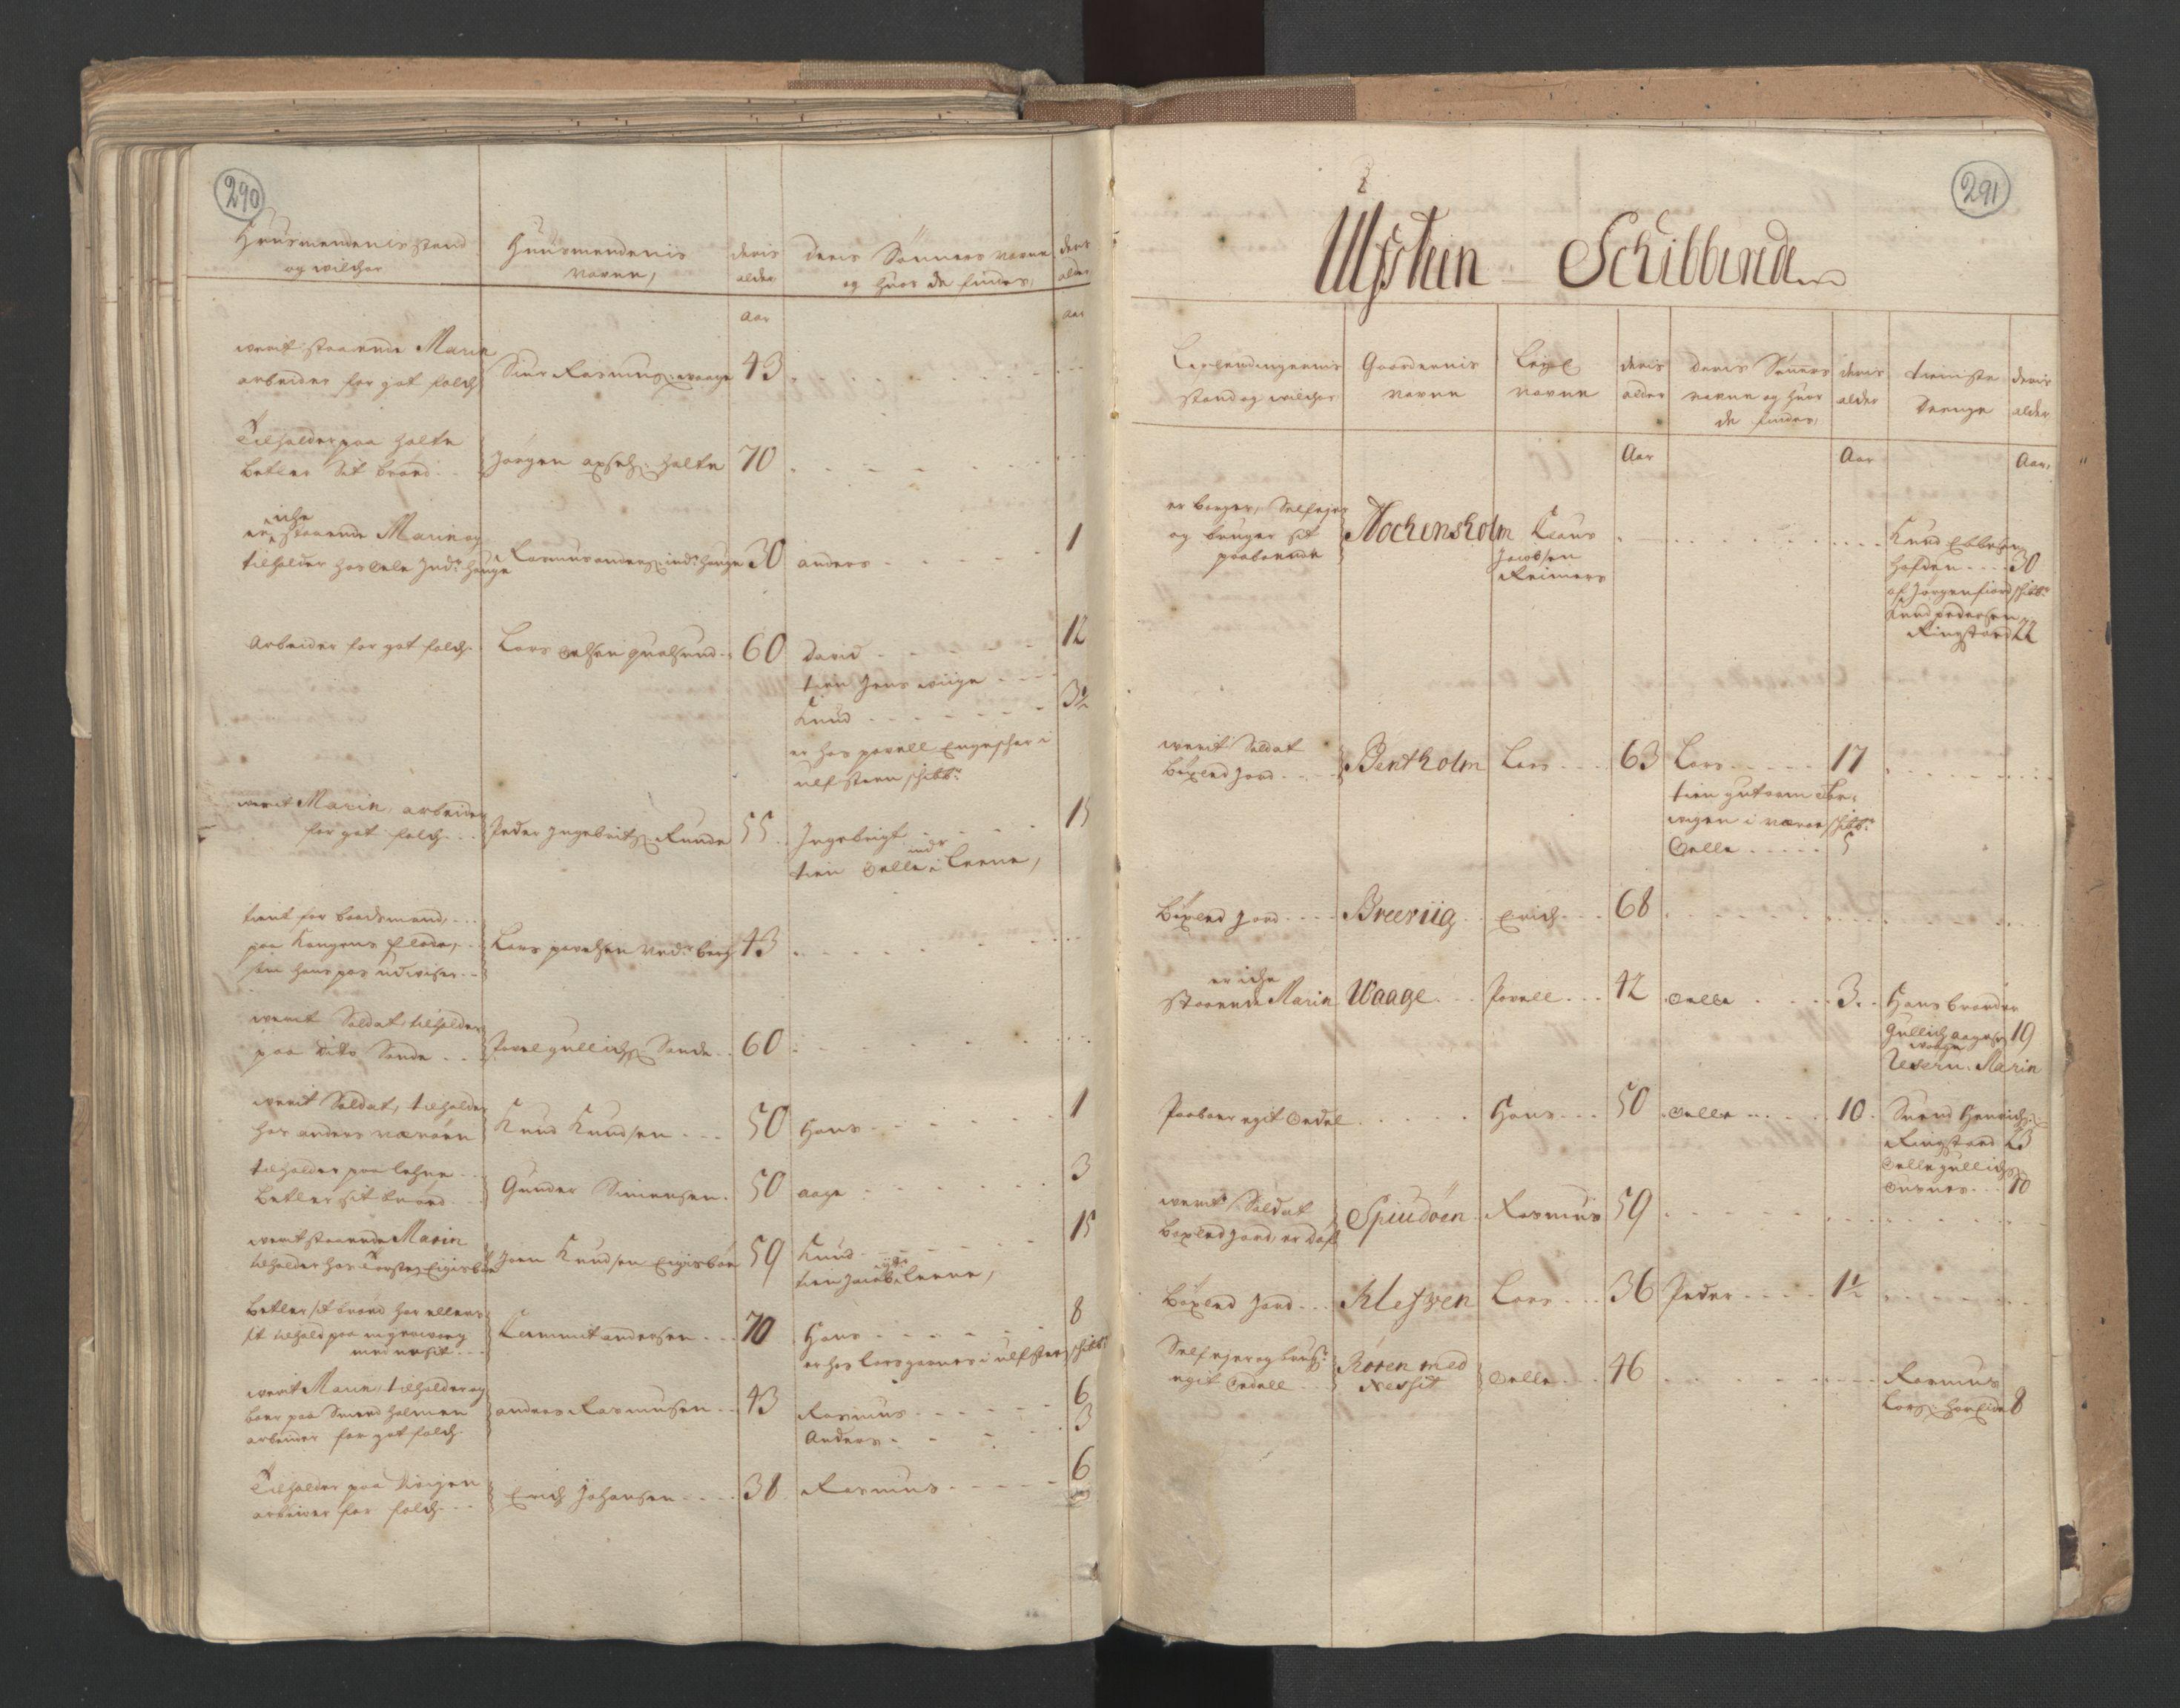 RA, Manntallet 1701, nr. 10: Sunnmøre fogderi, 1701, s. 290-291